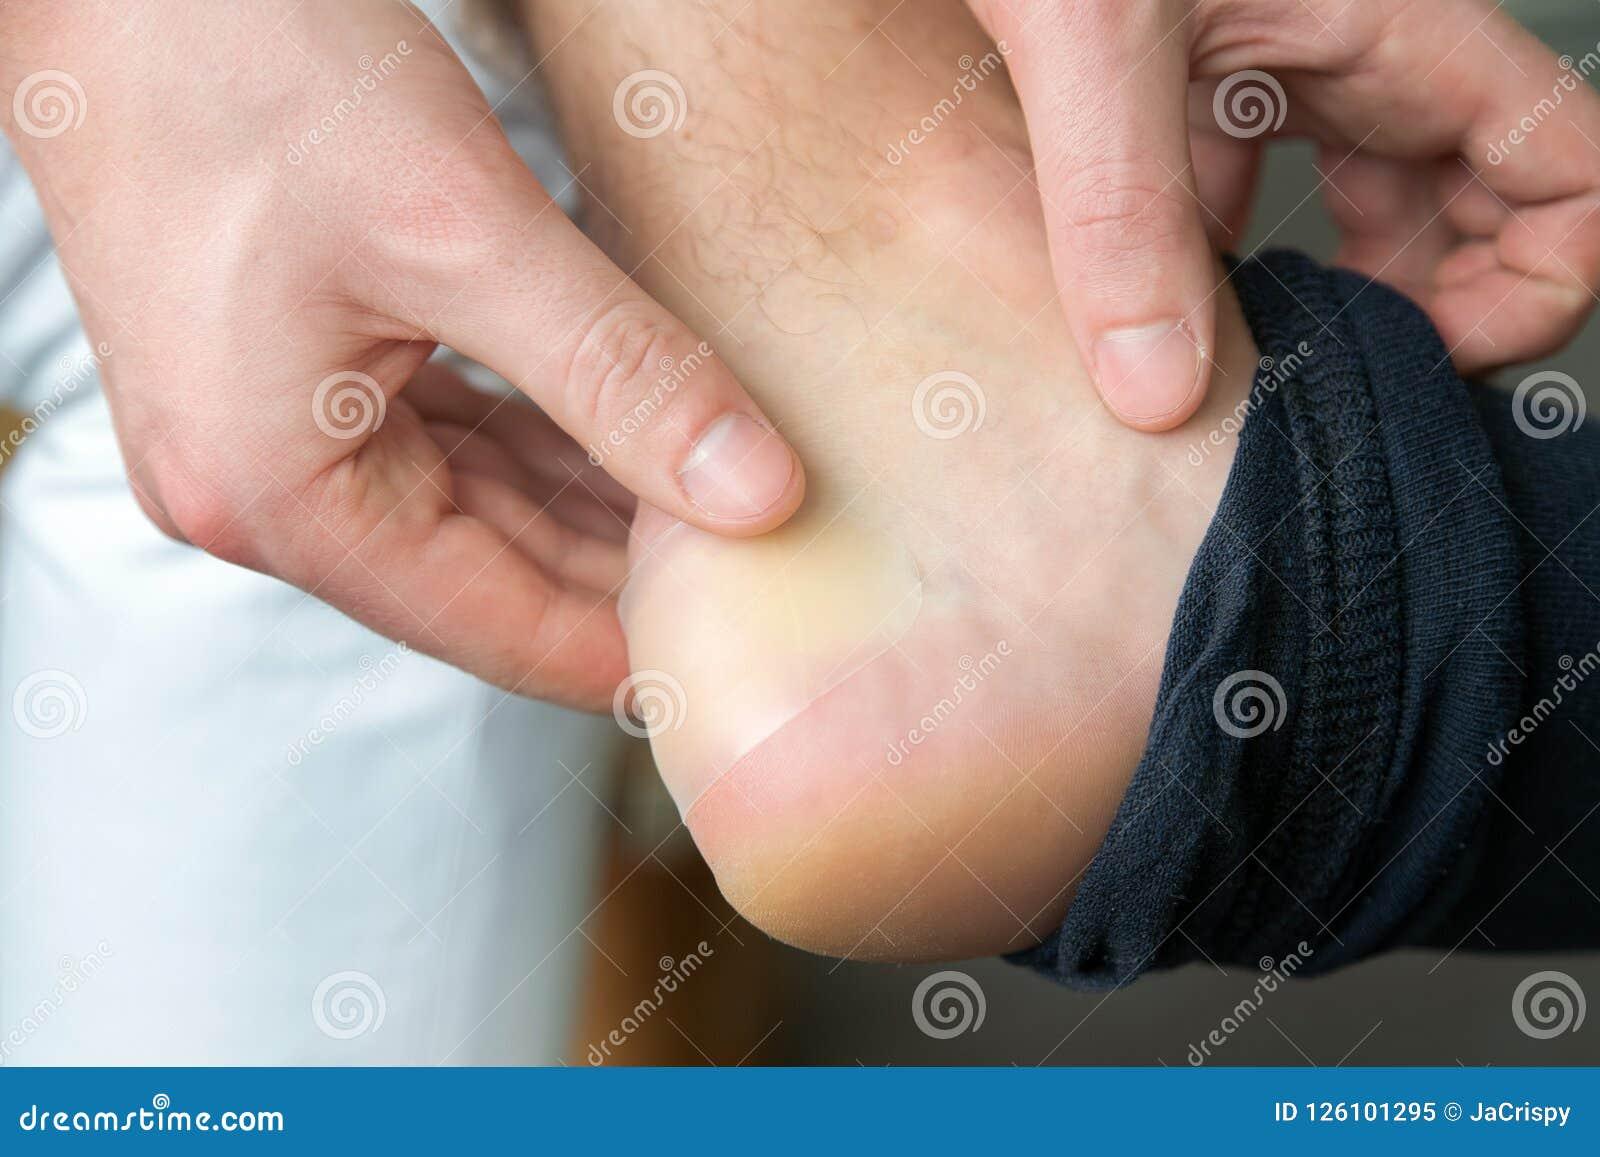 Schmerzliche Fersenwunde bemannt an die Füße, die durch neue Schuhe verursacht werden bemannt die Hände, die Gips auf schrecklich